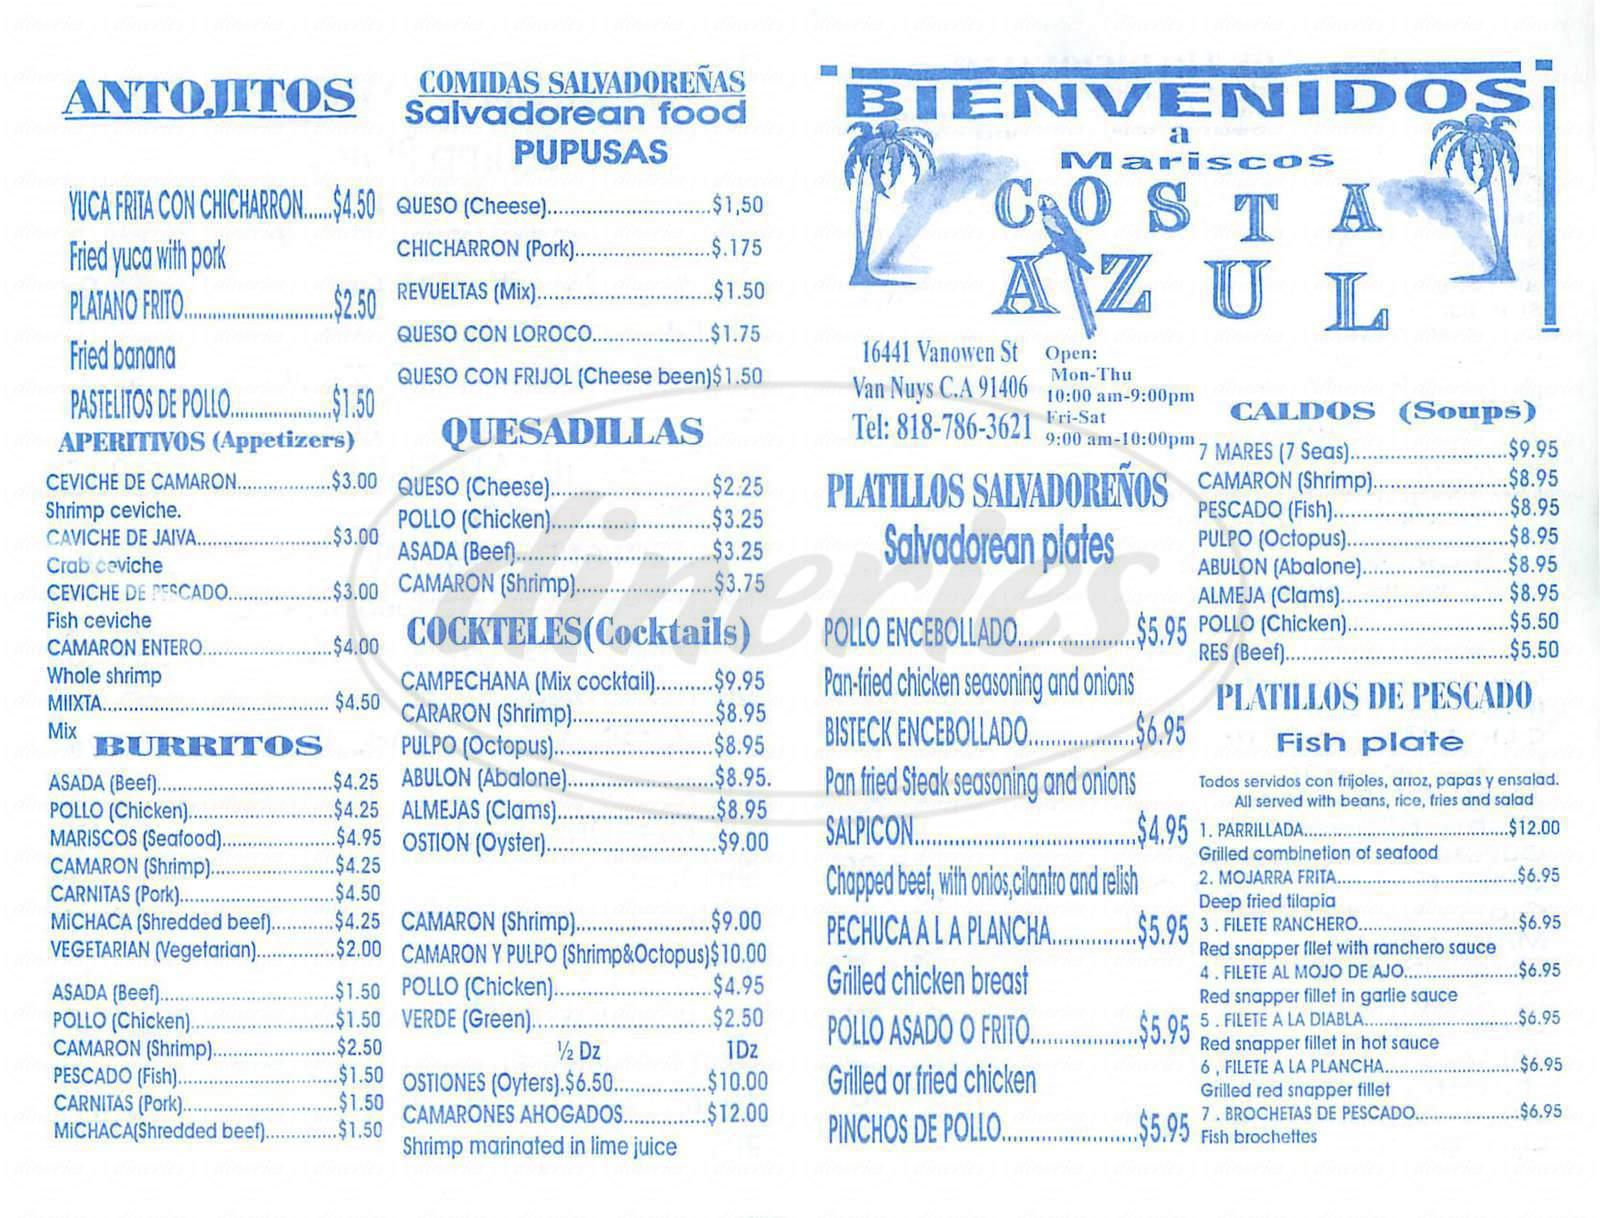 menu for Costa Azul Restaurant